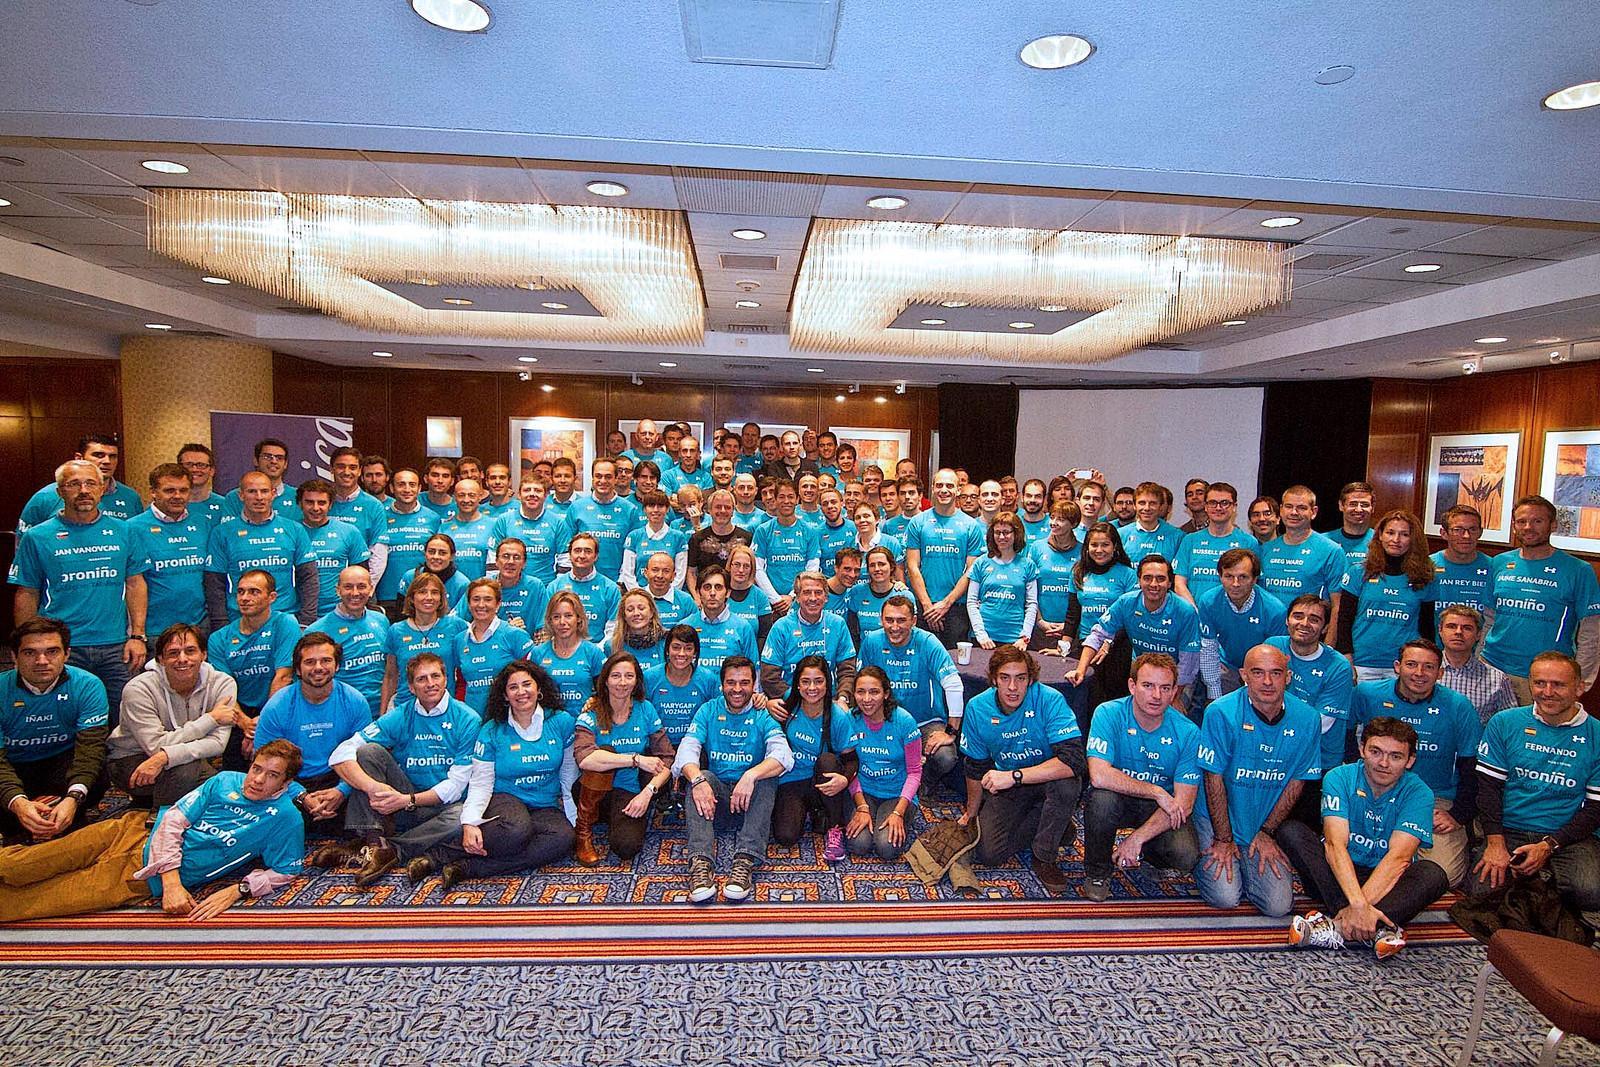 En esta ocasión, el equipo Amigos de Proniño contó con la presencia de 217 corredores, acompañados por familiares y amigos.